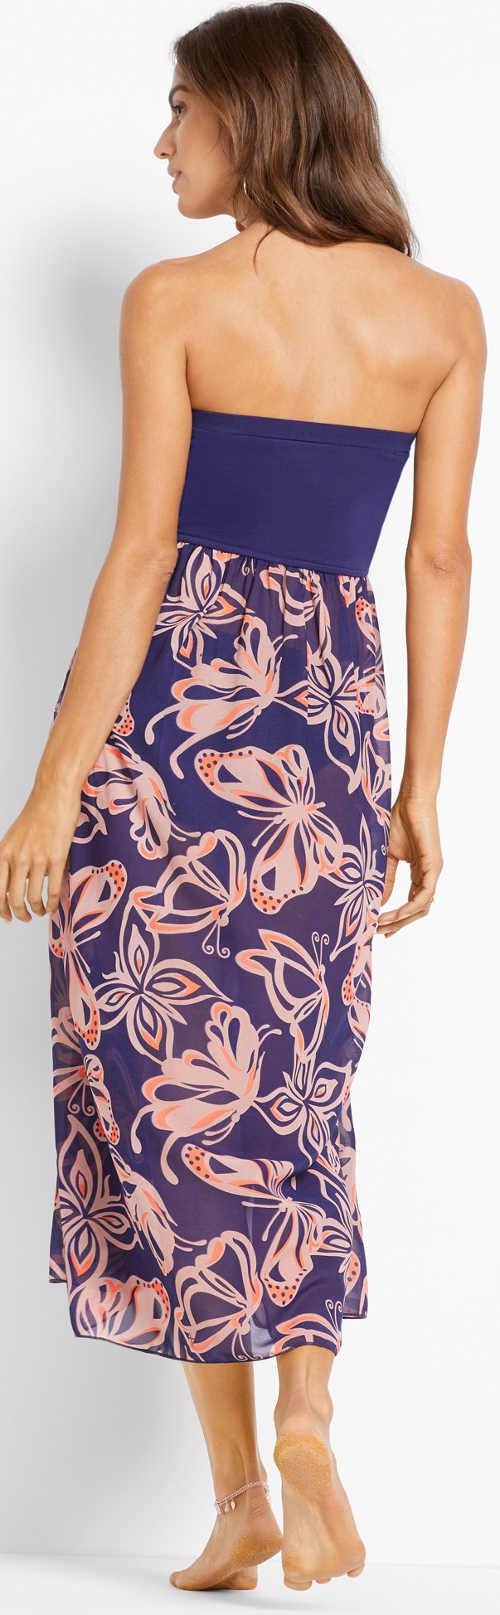 Dlouhé letní šaty s lehkou šifonovou sukní